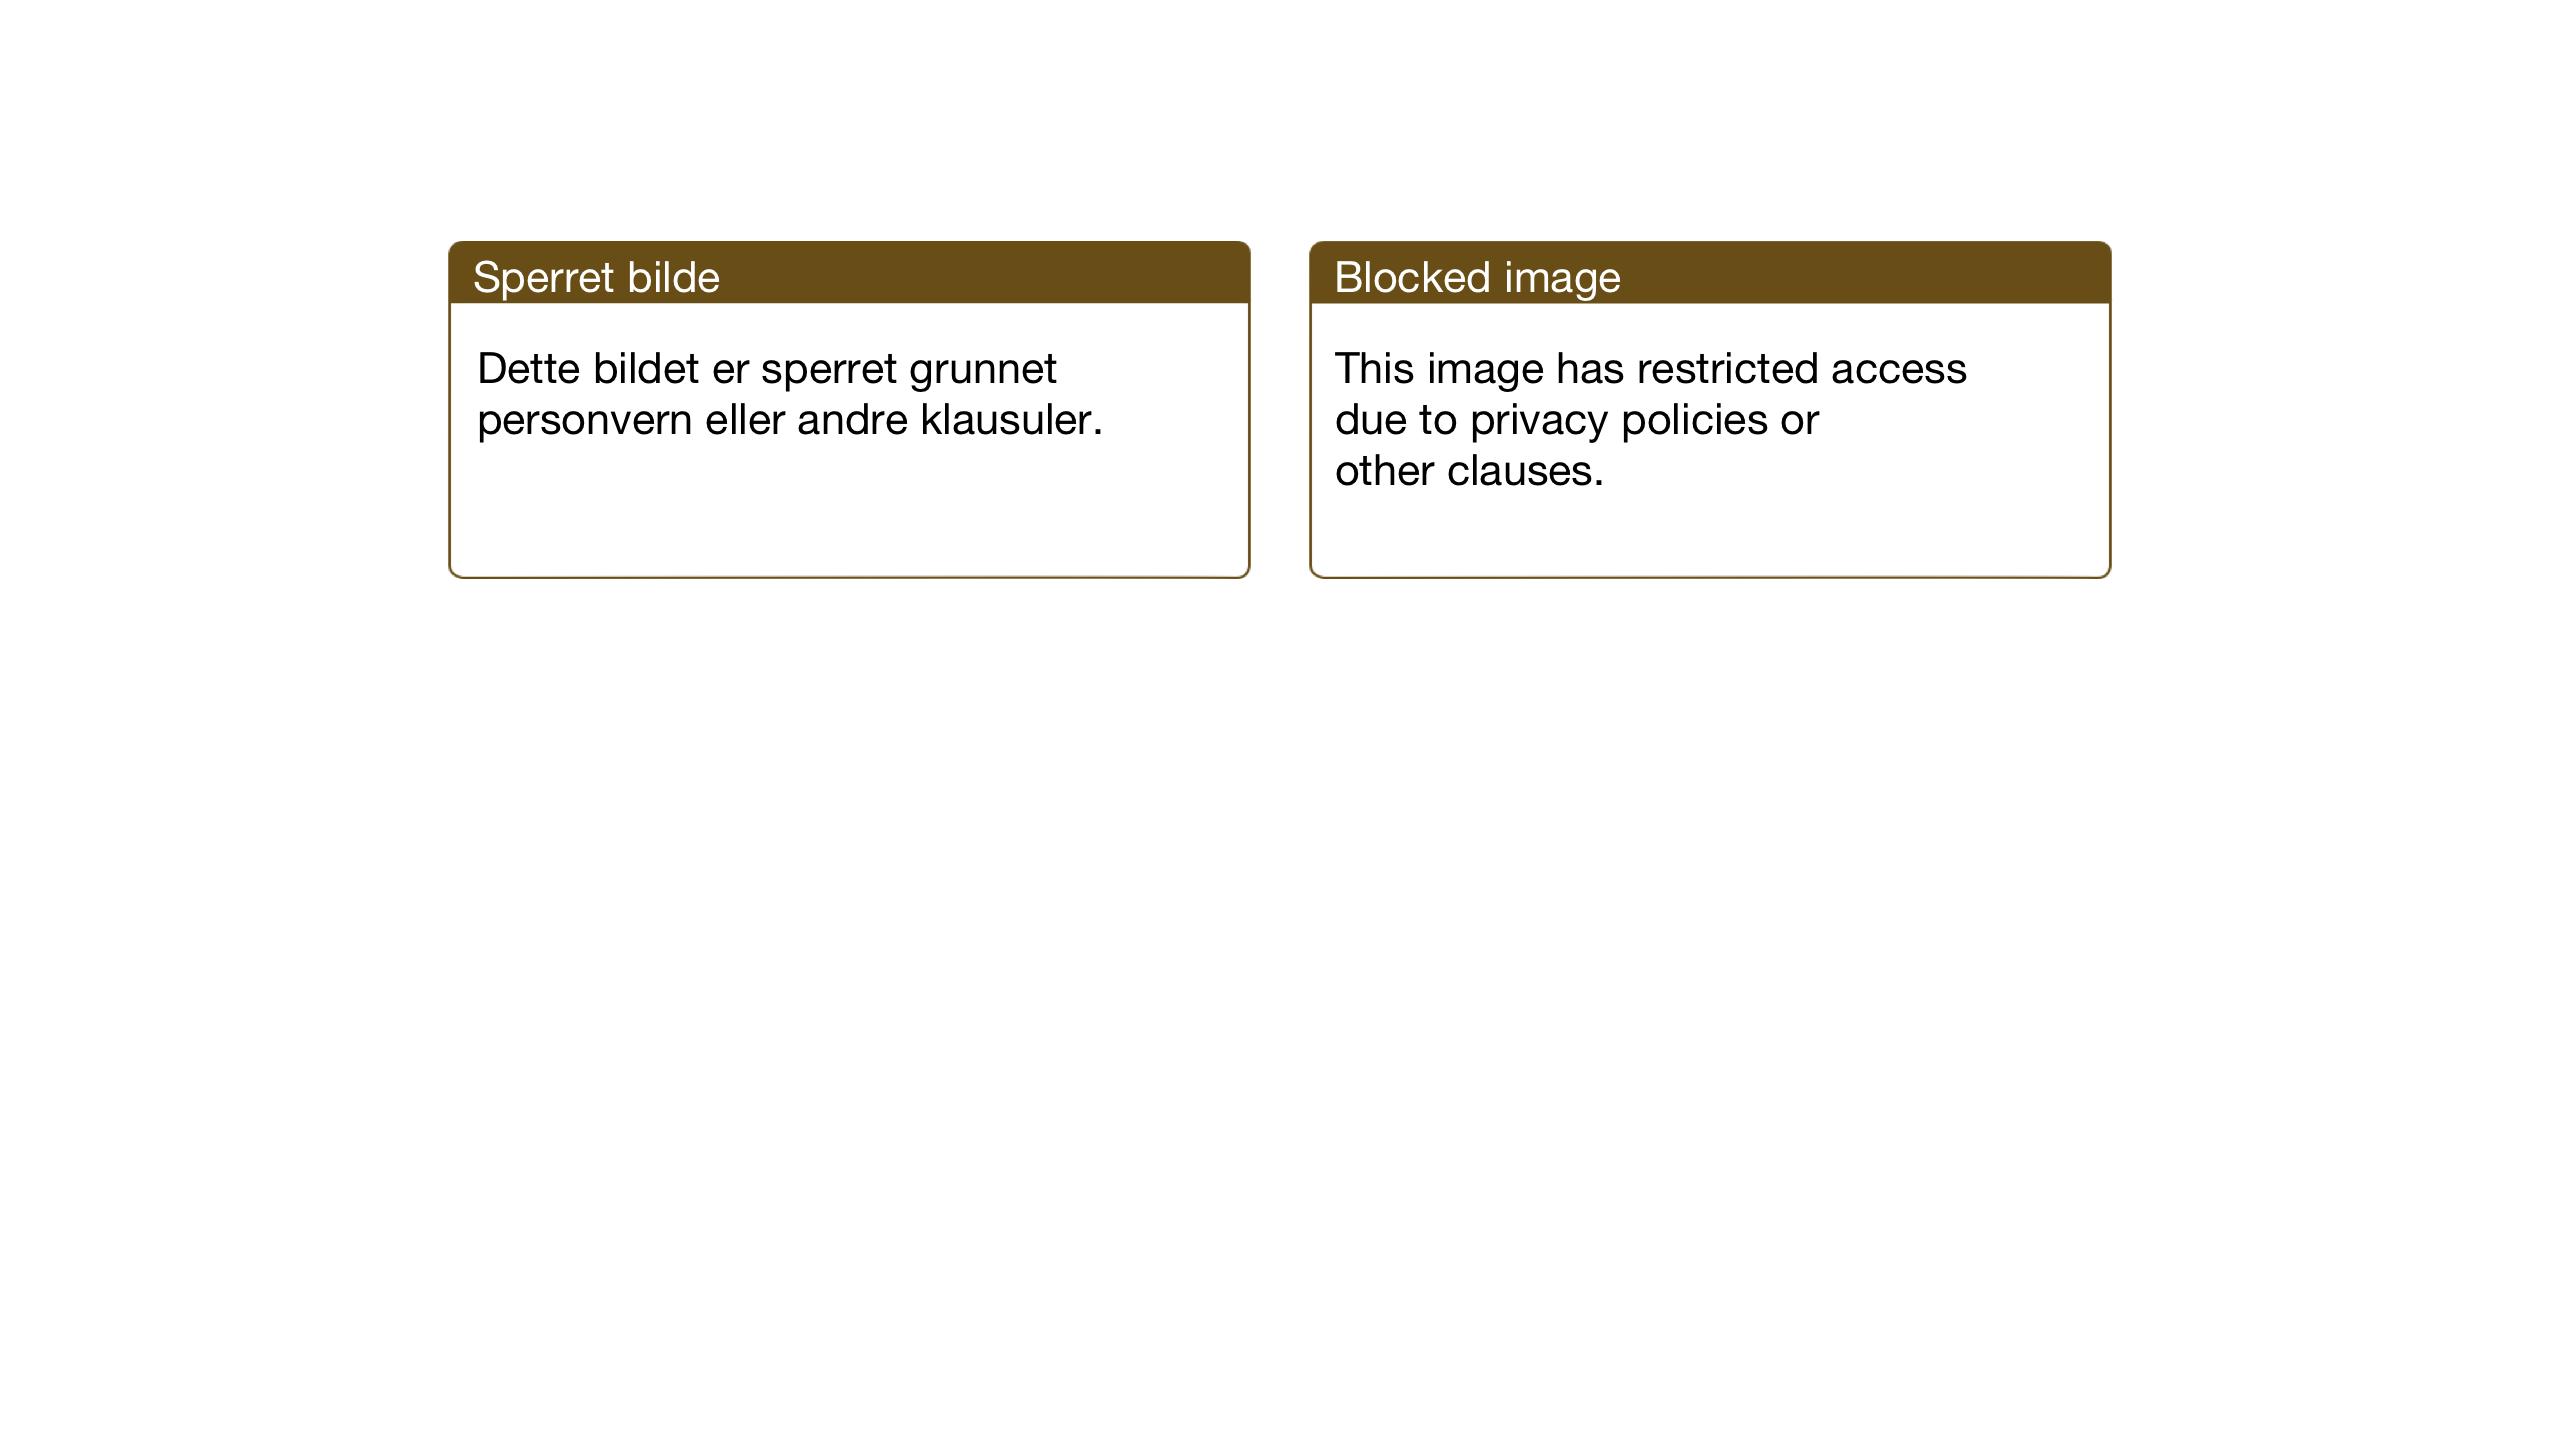 SAT, Ministerialprotokoller, klokkerbøker og fødselsregistre - Sør-Trøndelag, 674/L0878: Klokkerbok nr. 674C05, 1941-1950, s. 4